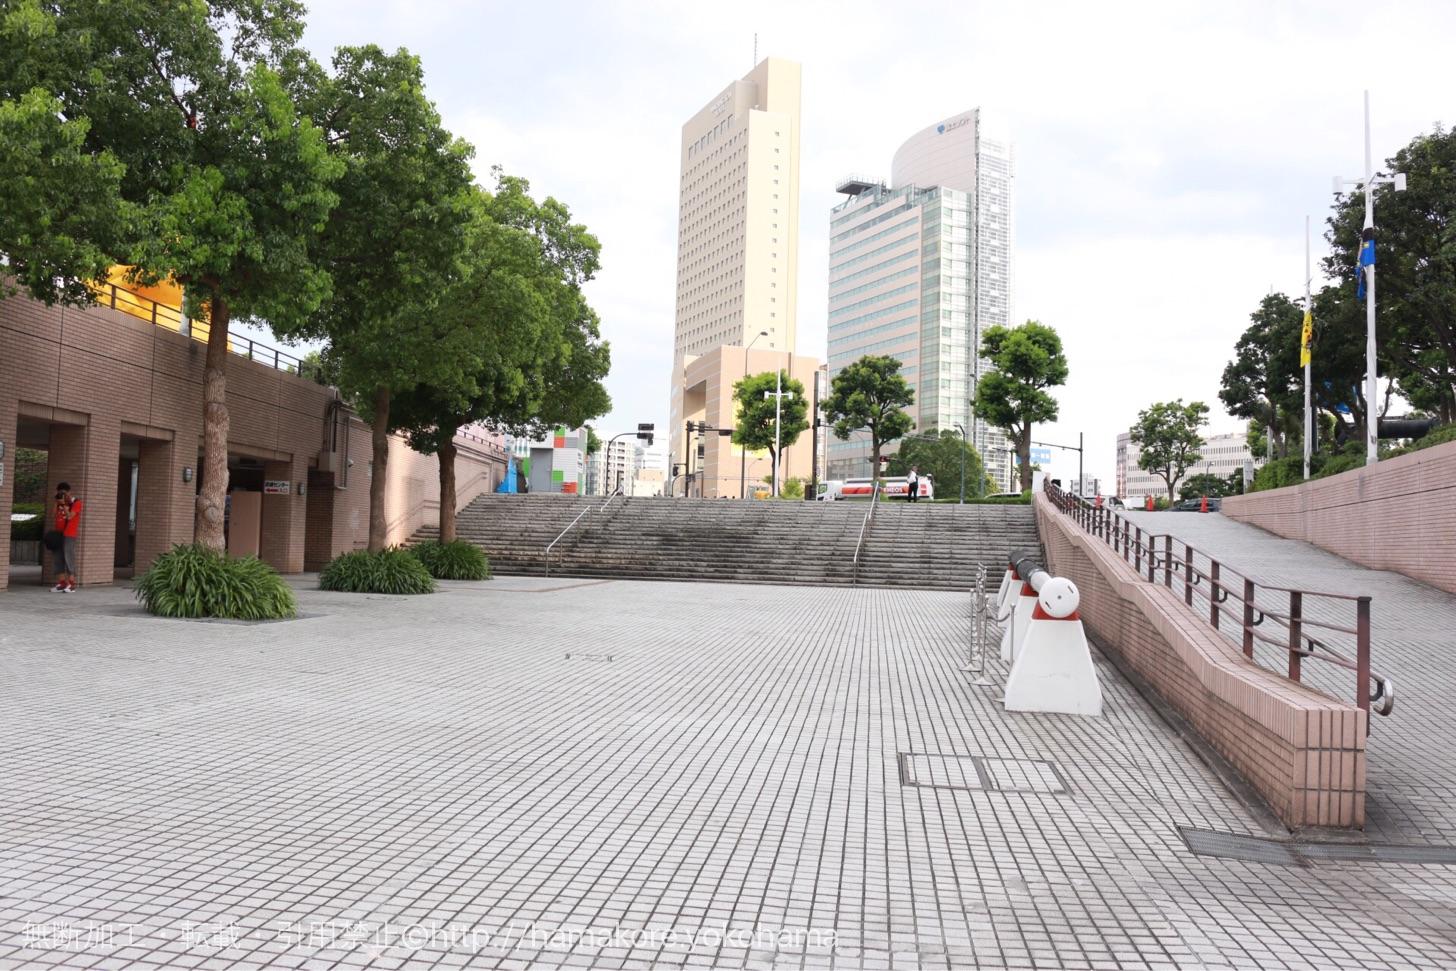 水陸両用バスの乗り場 日本丸メモリアルパークそば